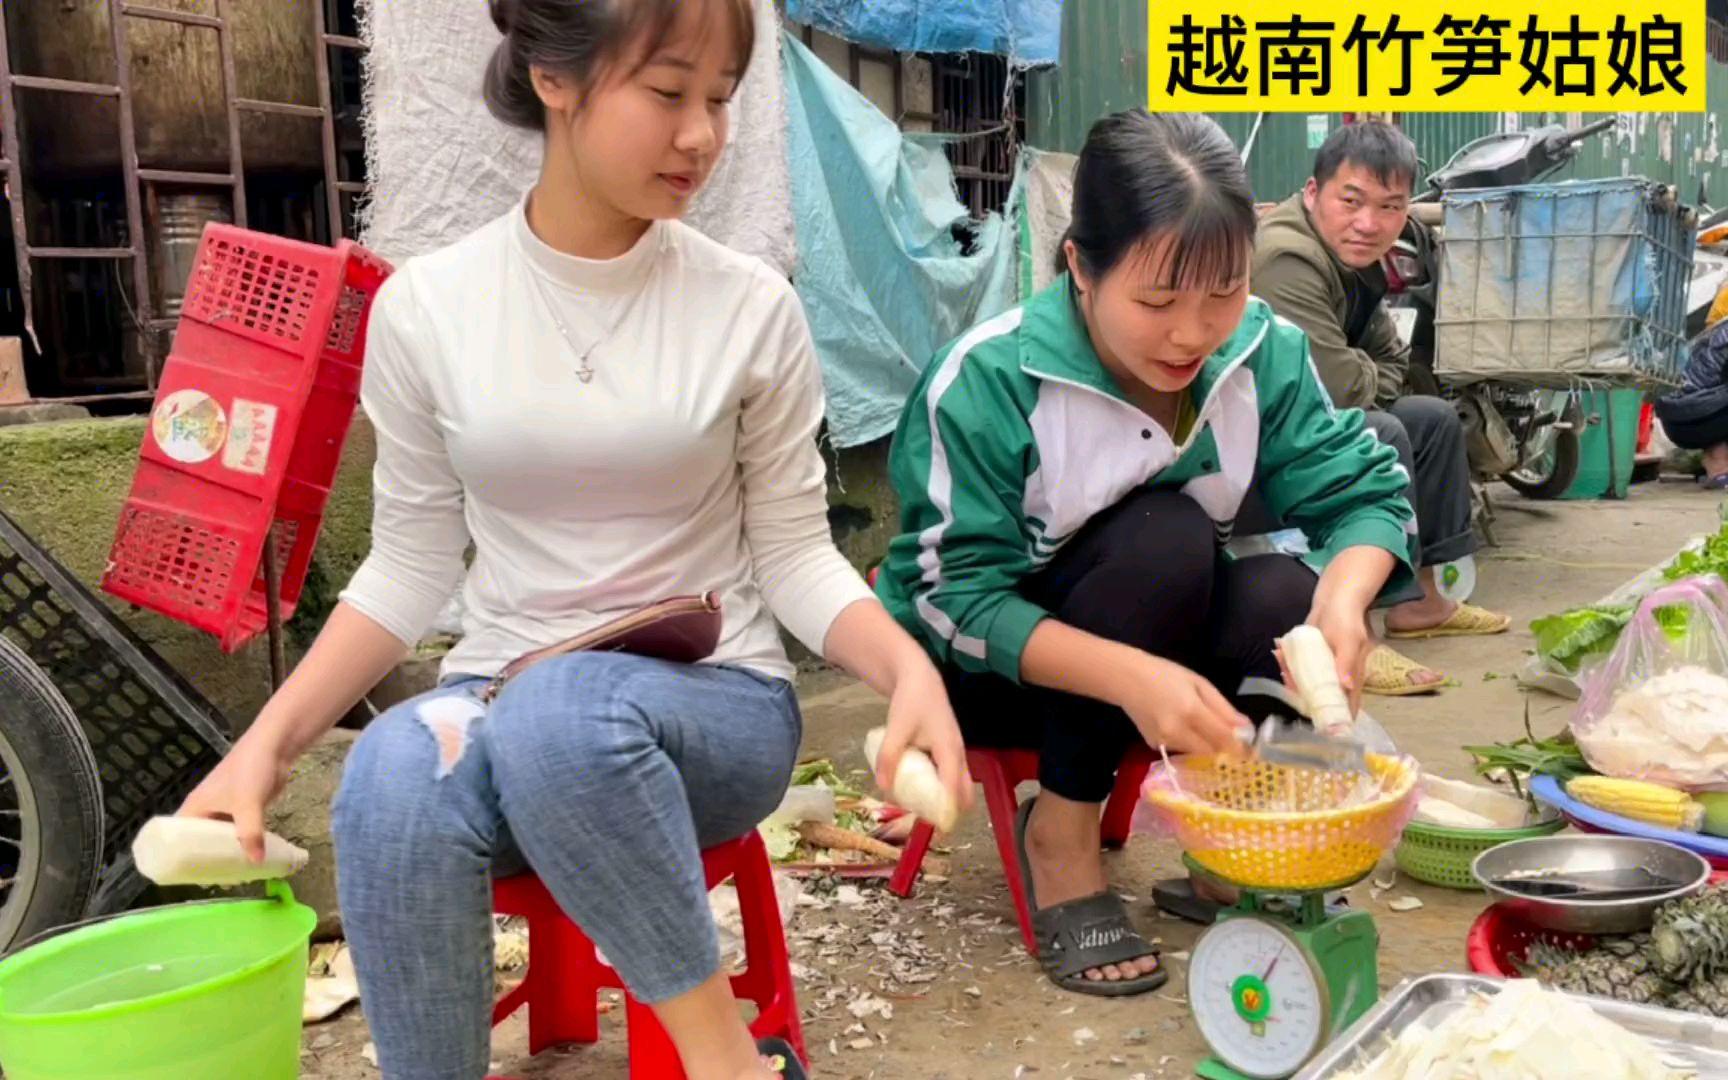 小伙问越南竹笋妹想不想嫁给他,看妹子怎么回答?